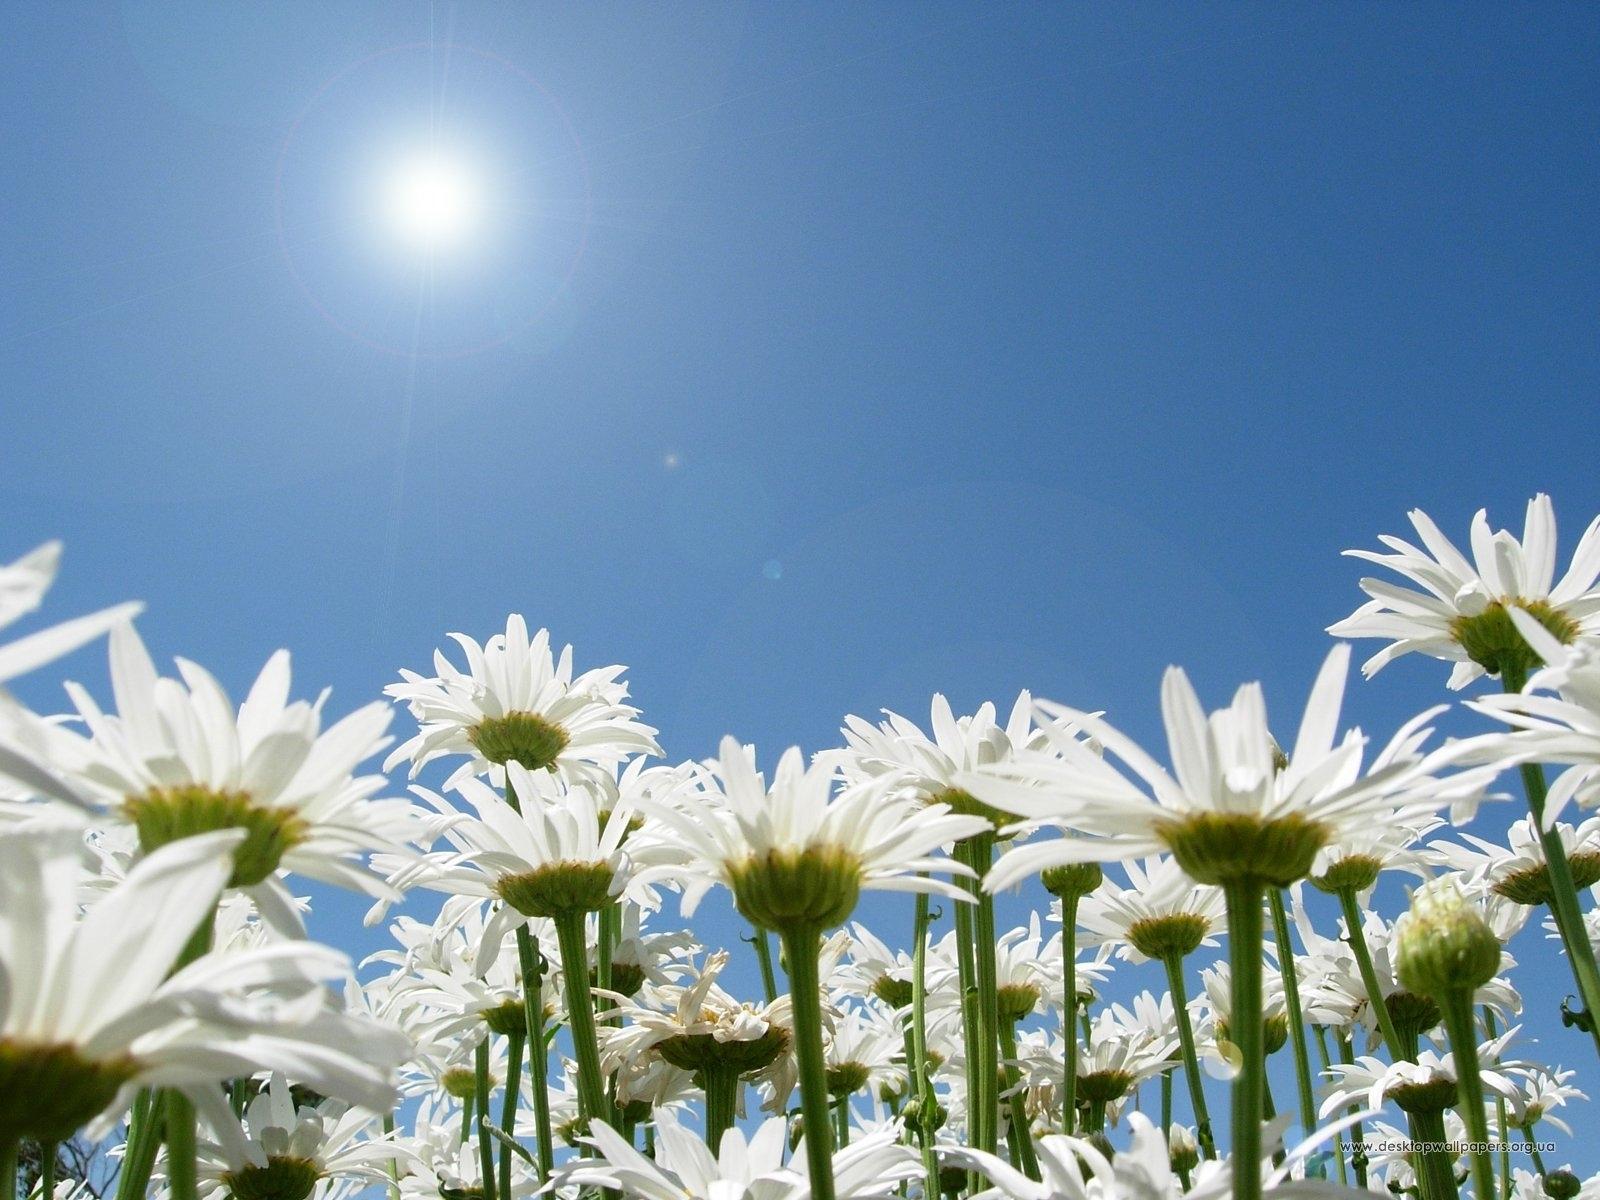 4635 скачать обои Растения, Цветы, Небо, Солнце, Ромашки - заставки и картинки бесплатно